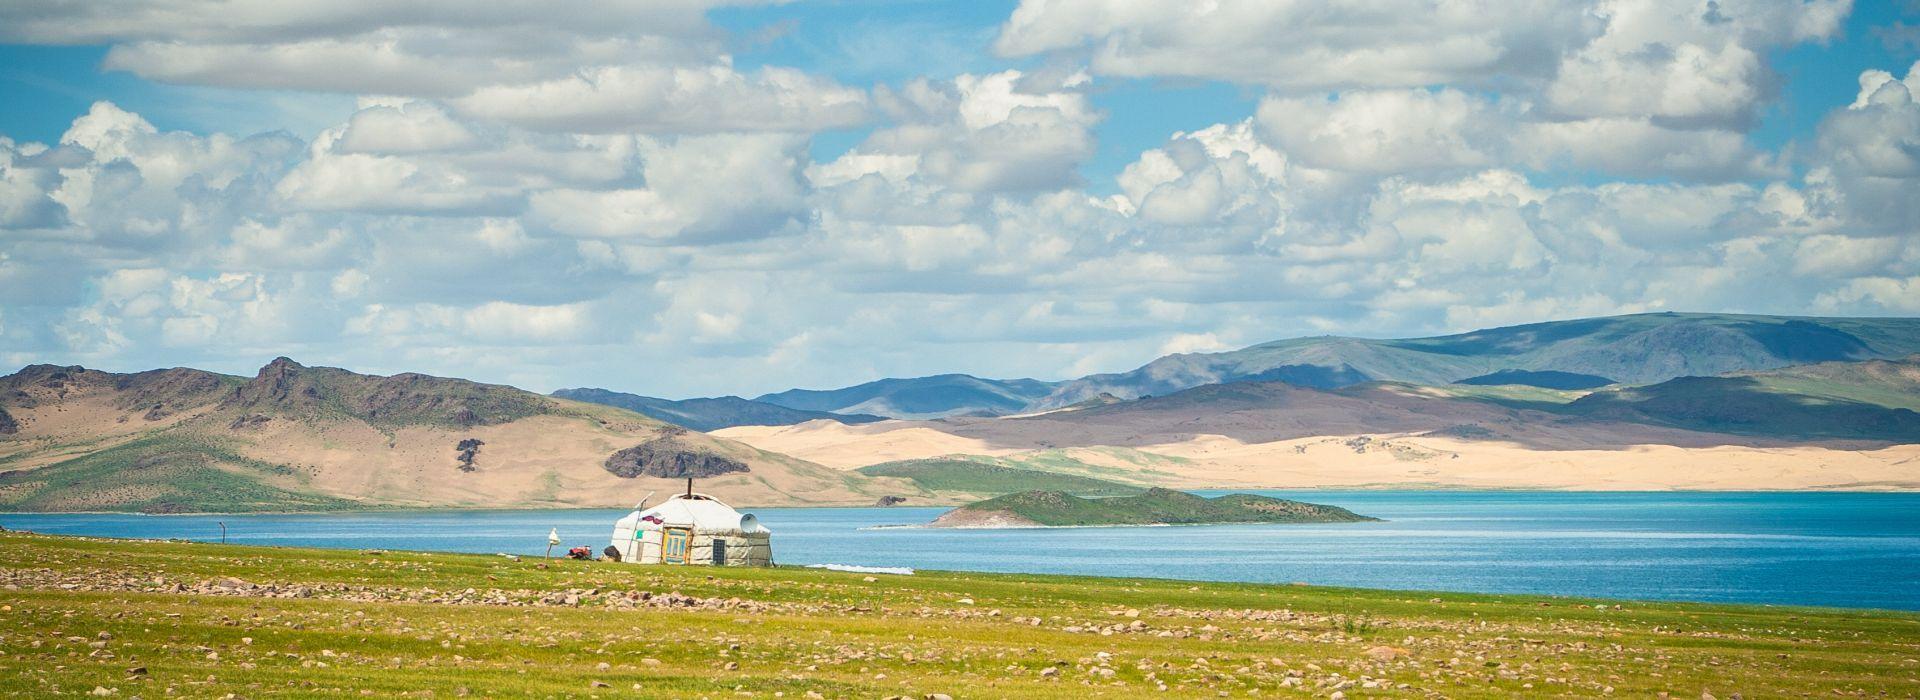 Explorer Tours in Ulaanbaatar